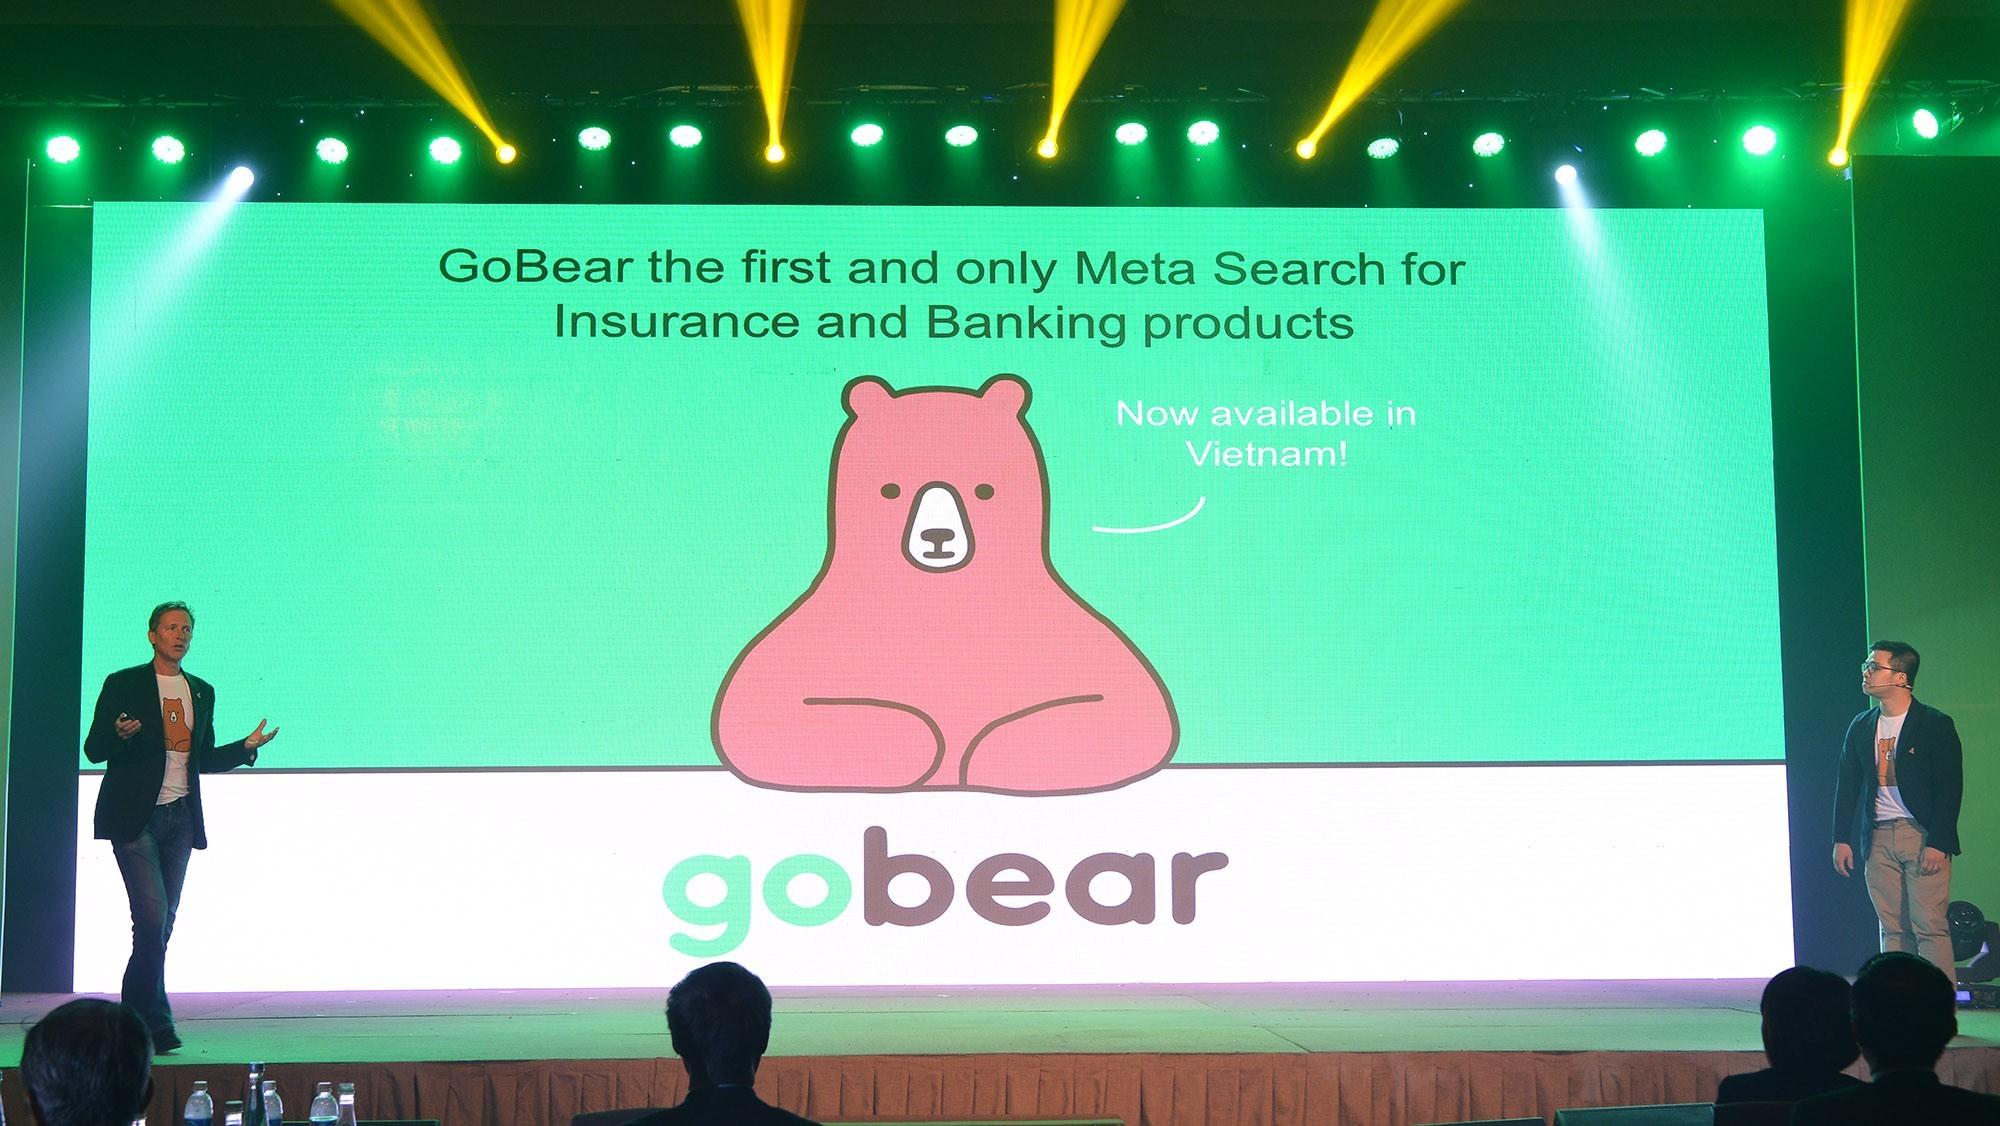 Ra mắt công cụ tìm kiếm dành cho bảo hiểm, ngân hàng GoBear